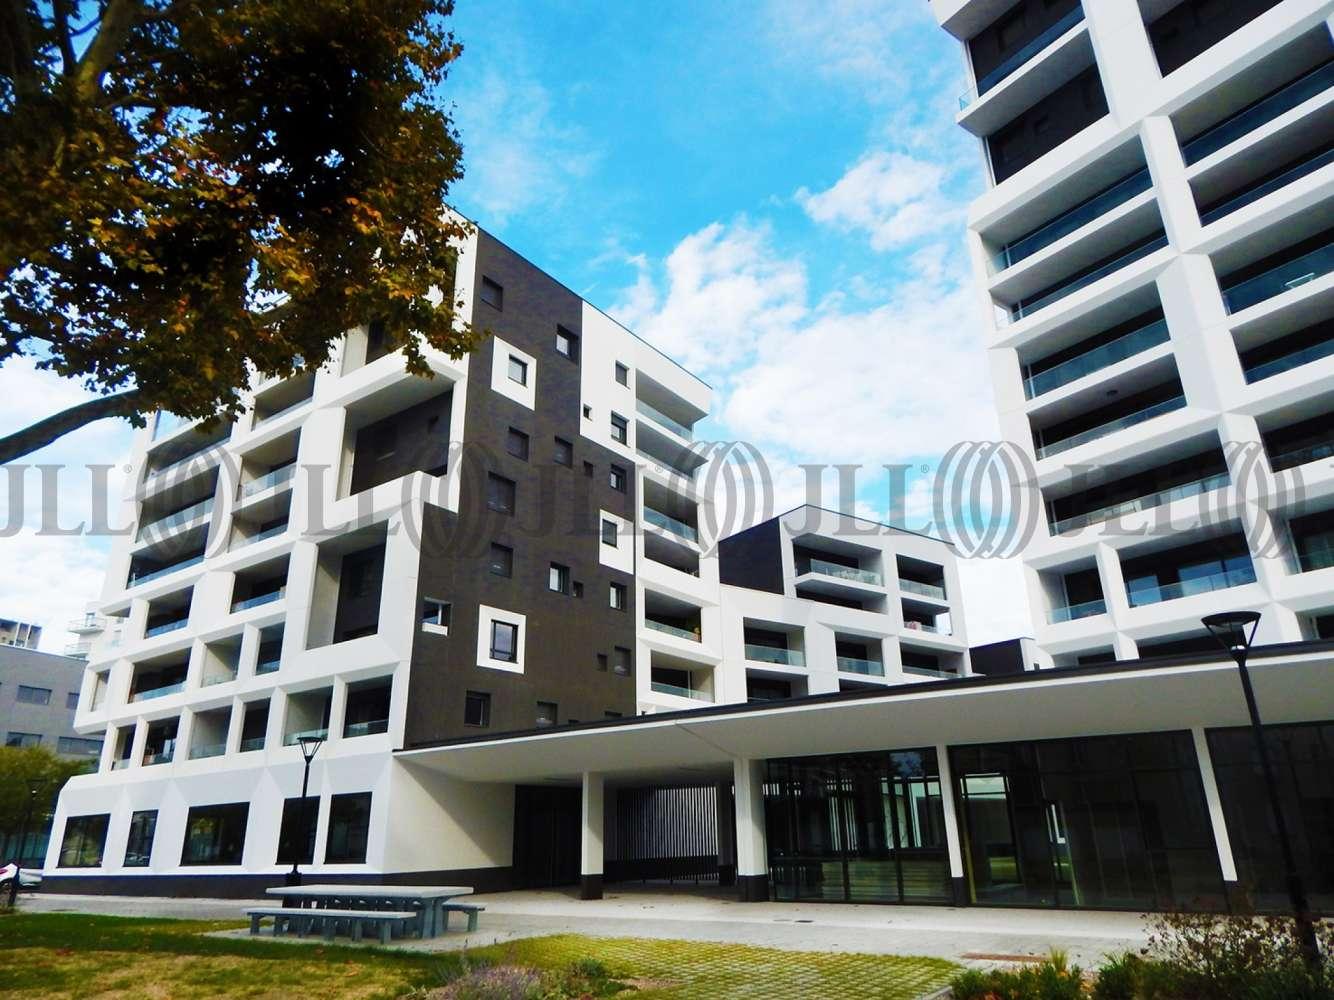 Activités/entrepôt Nantes, 44000 - RUE DE L'ALLIER - RUE DE L'INDRE - 10804350